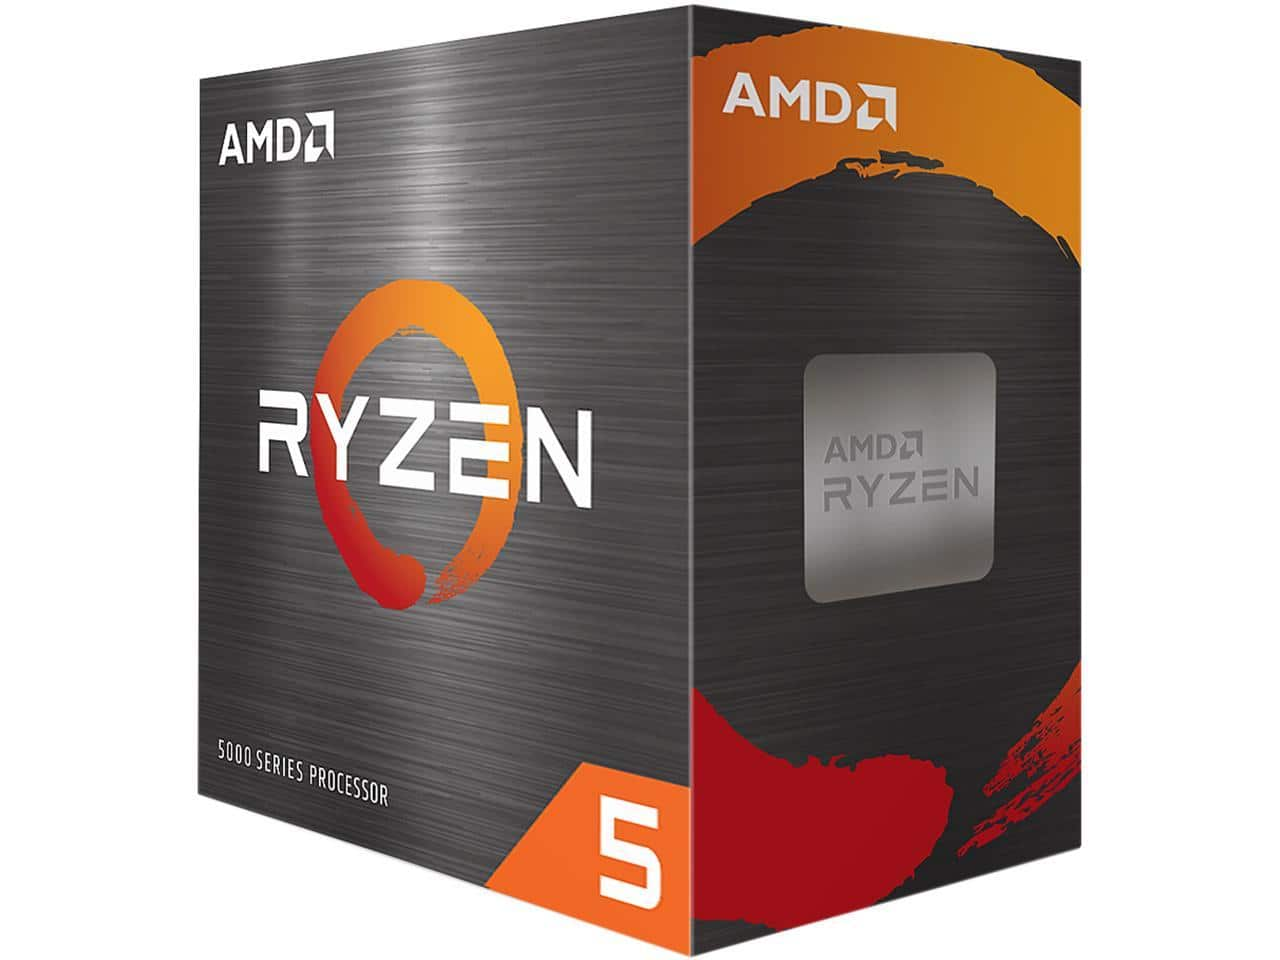 Microcenter Stores: AMD Ryzen 5 5600X 3.7GHz 6-Core AM4 Processor @Newegg $290